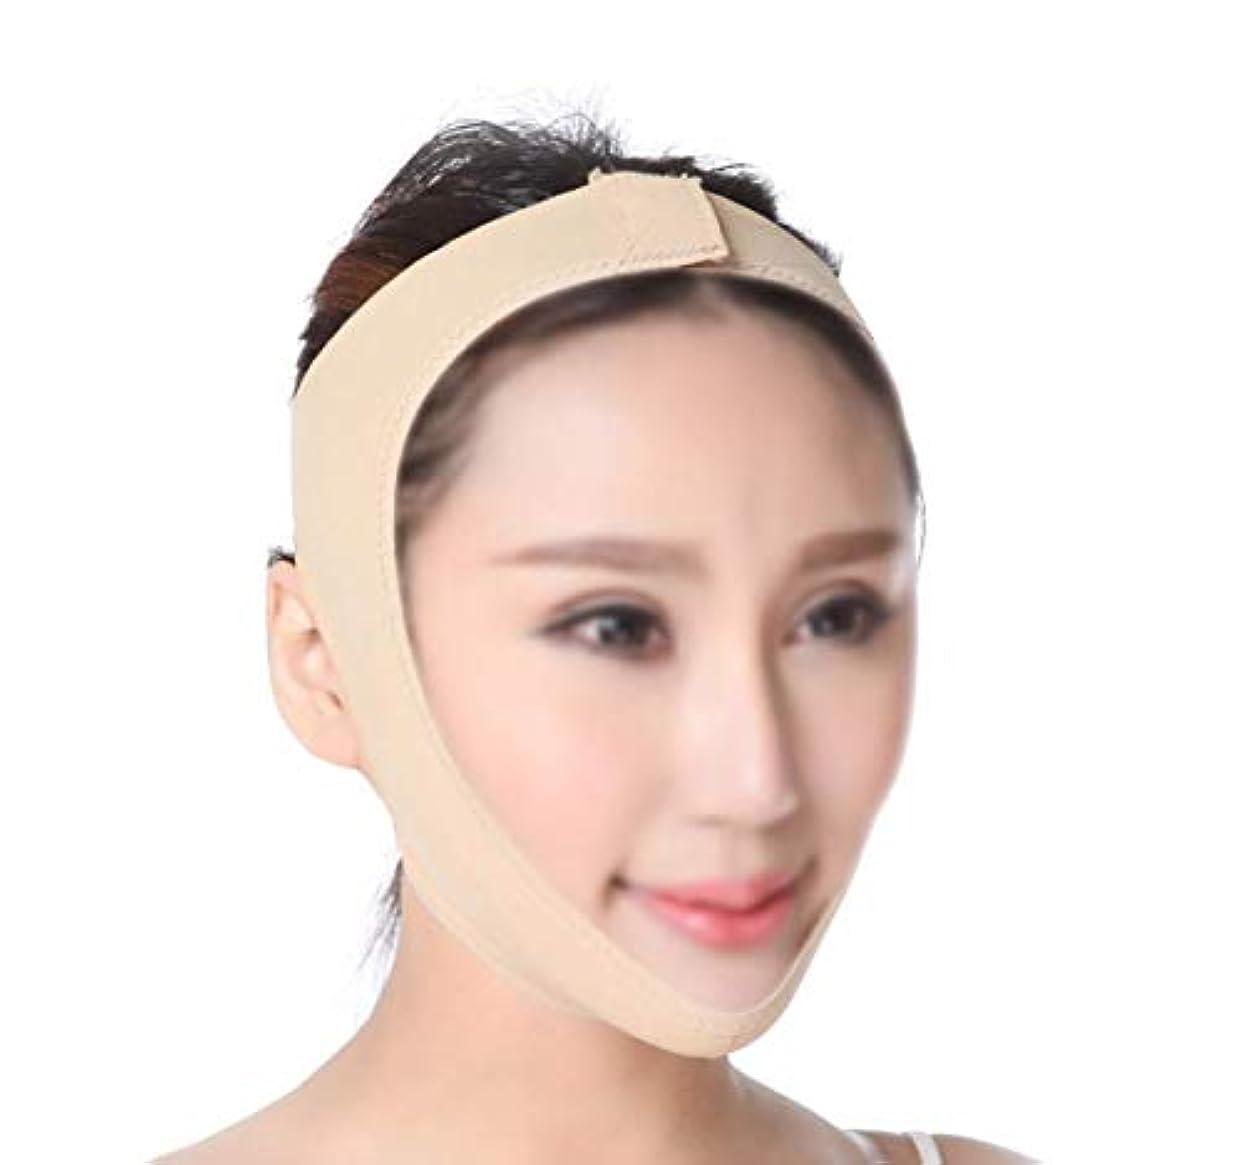 企業バンドスクランブルフェイスリフティング包帯、フェイシャル減量しわ防止ケアフェイスが肌を引き締め、効果的にダブルチンを改善し、V字型の顔になります(サイズ:XL)